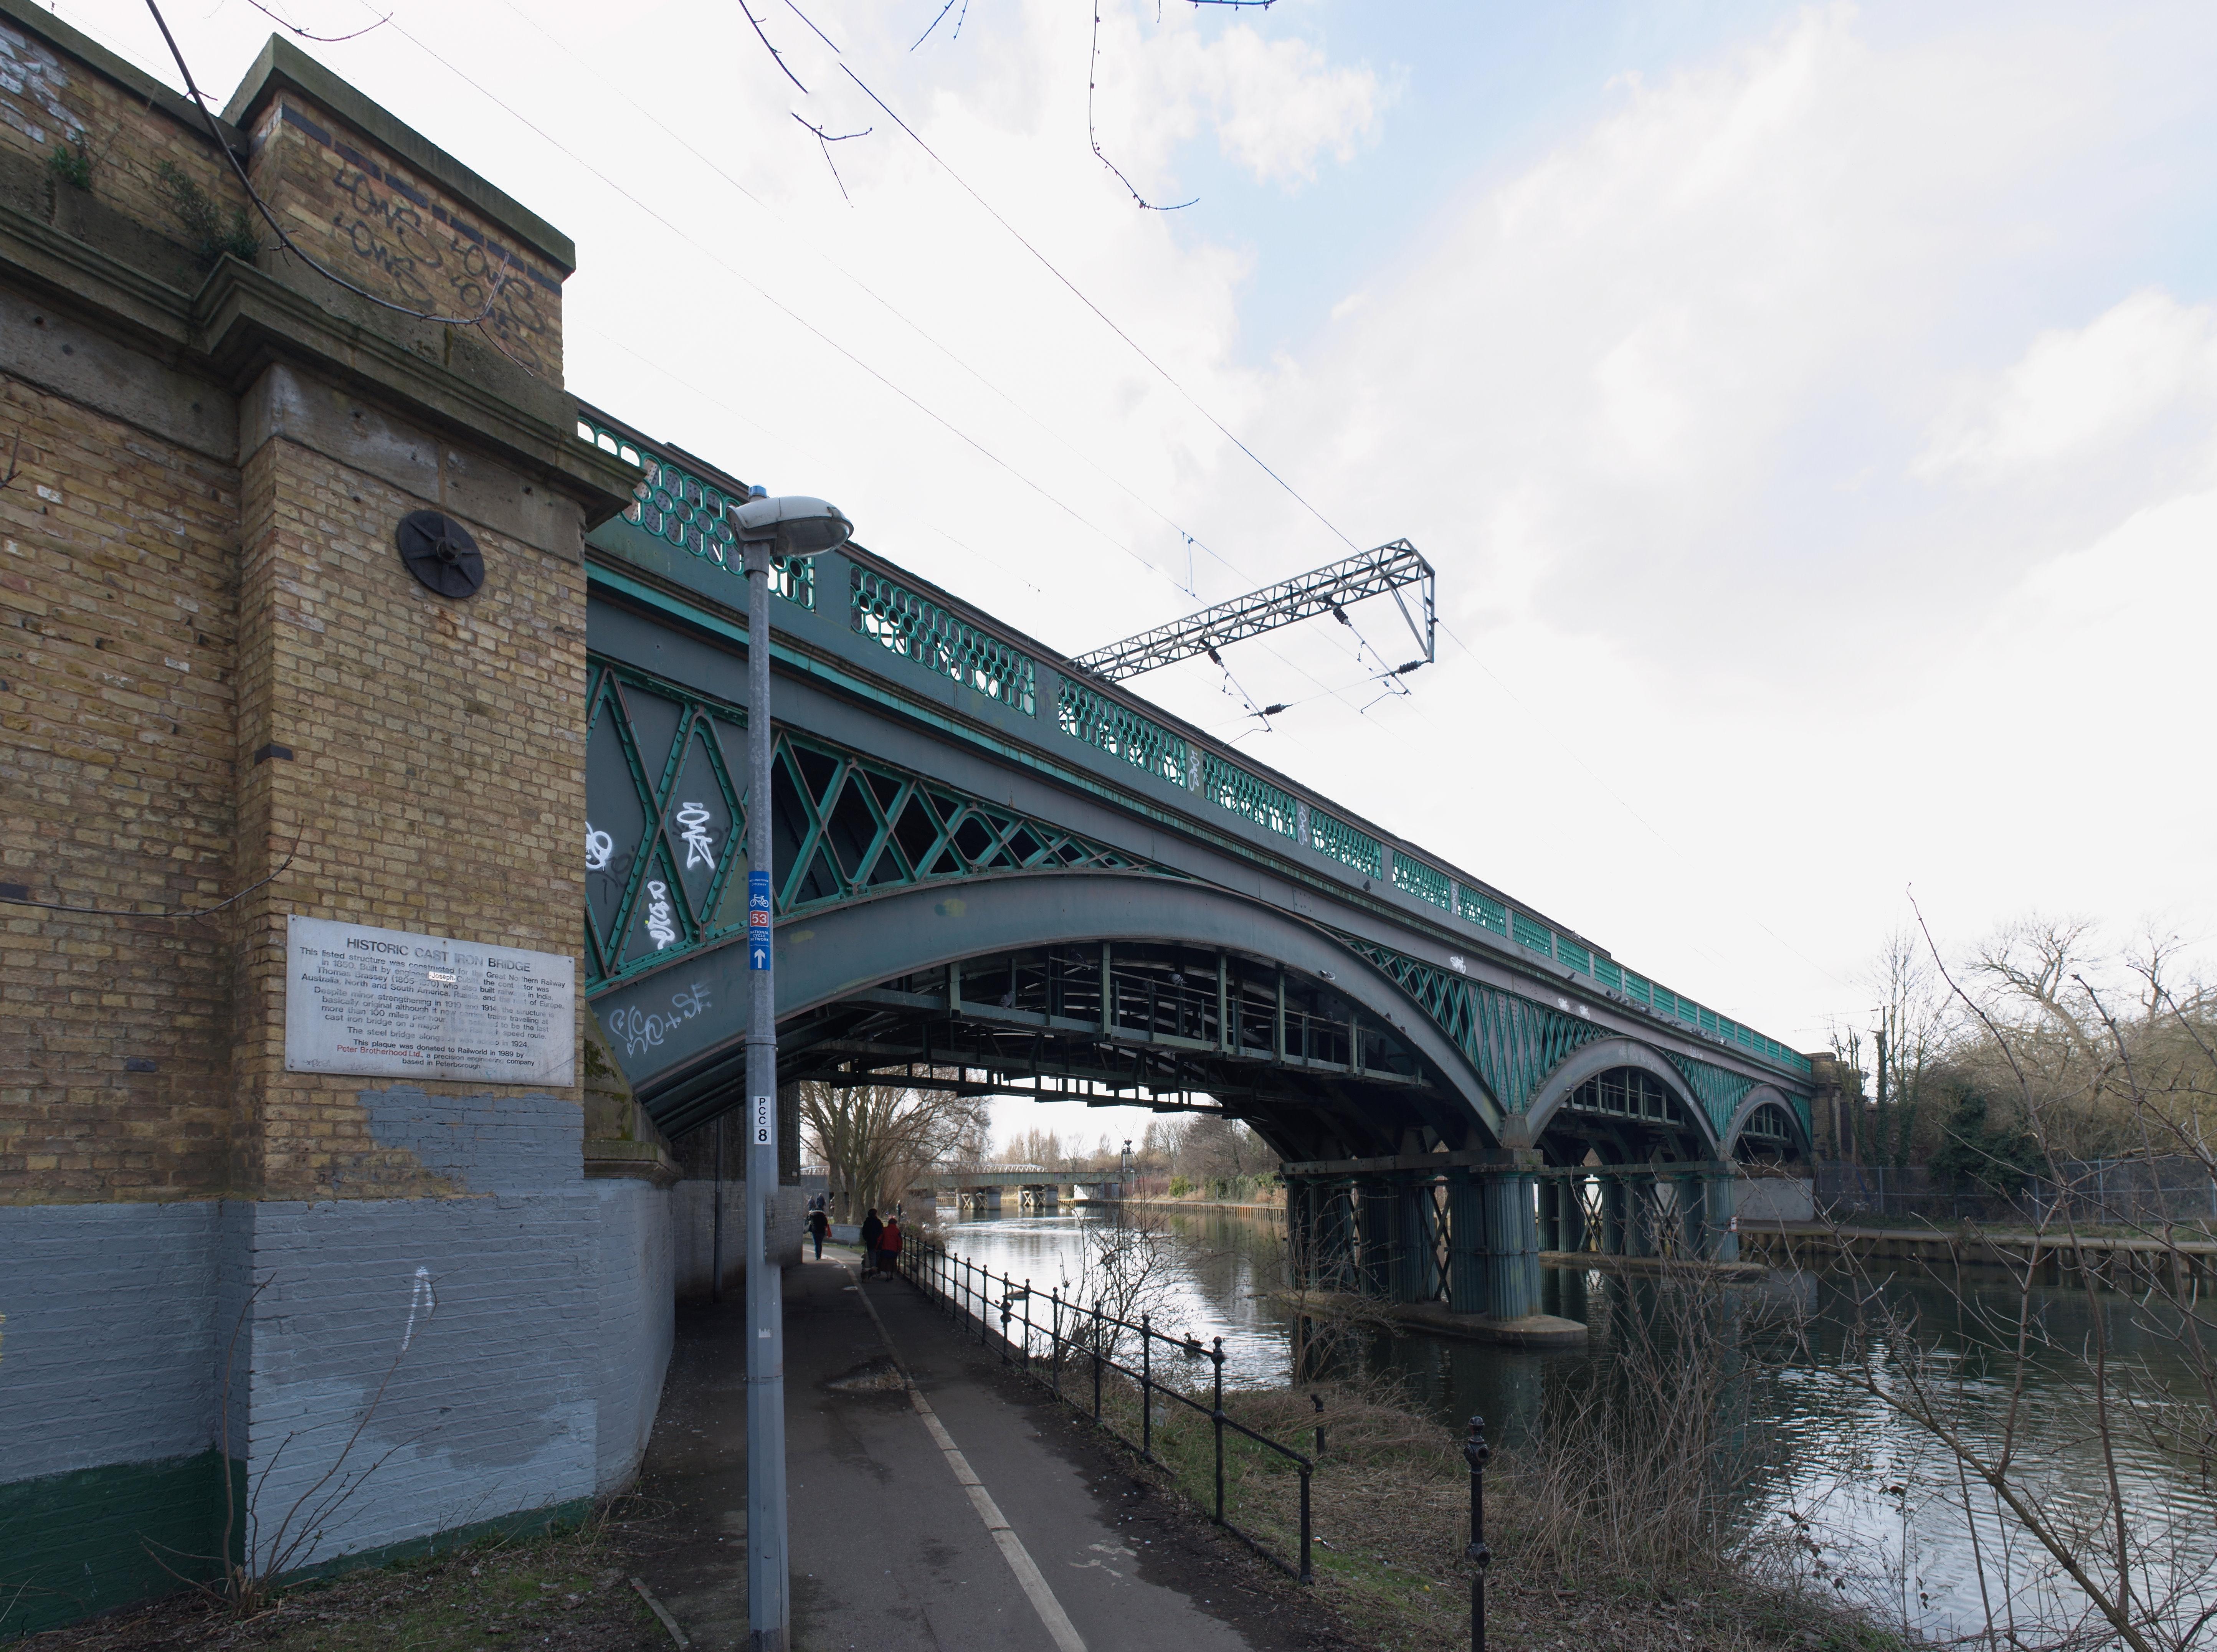 Description peterborough 1850 iron bridge